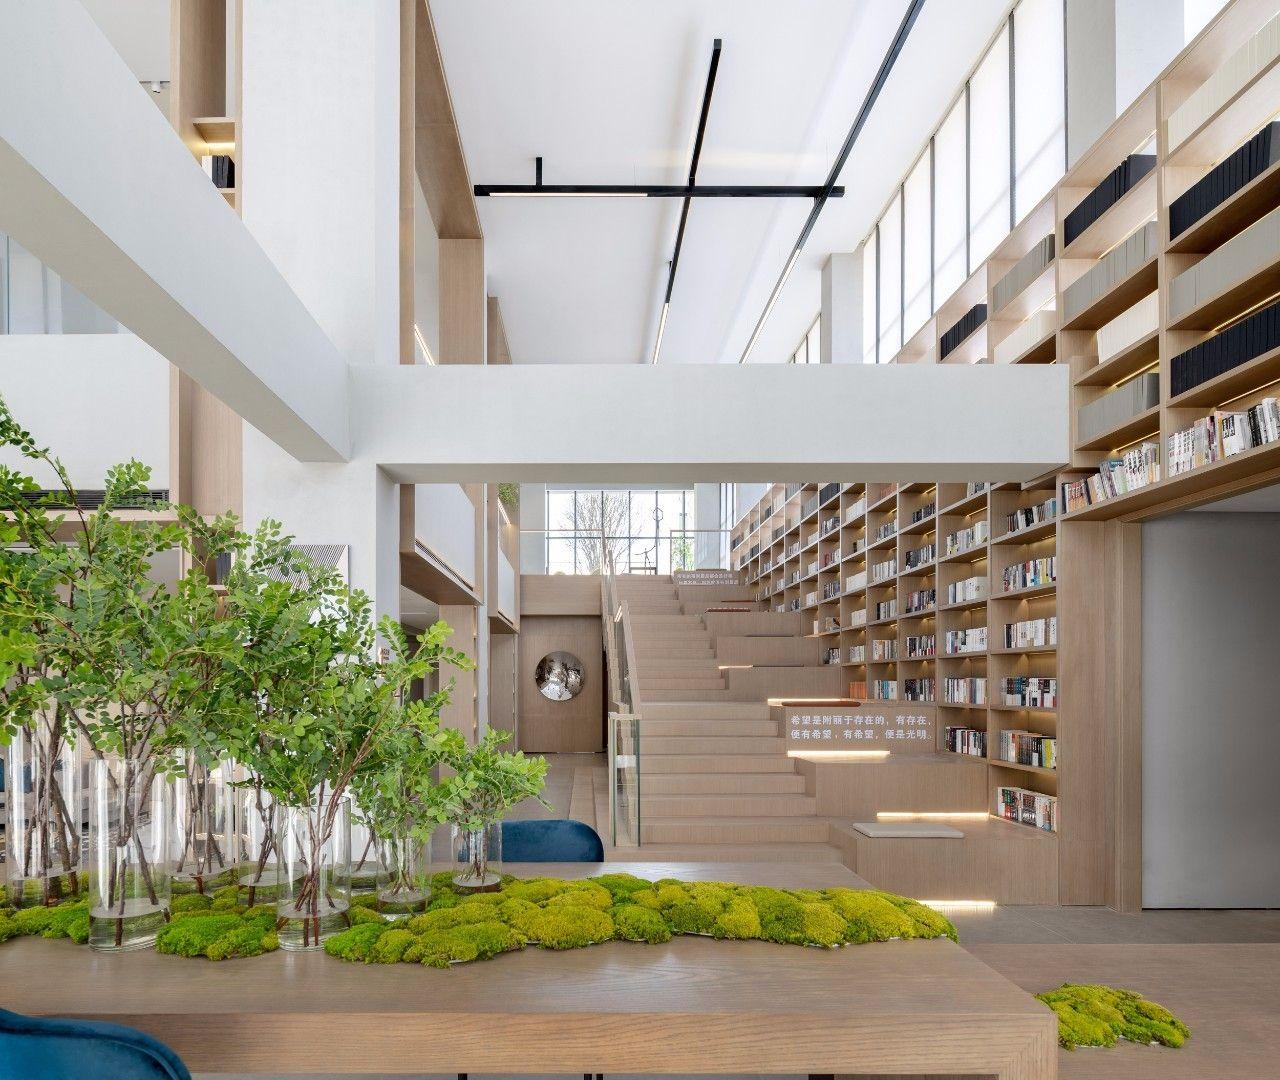 【G&K新作】武汉最艺术的沉浸体验式售楼处设计|G&K建筑设计咨询有限公司 - 16